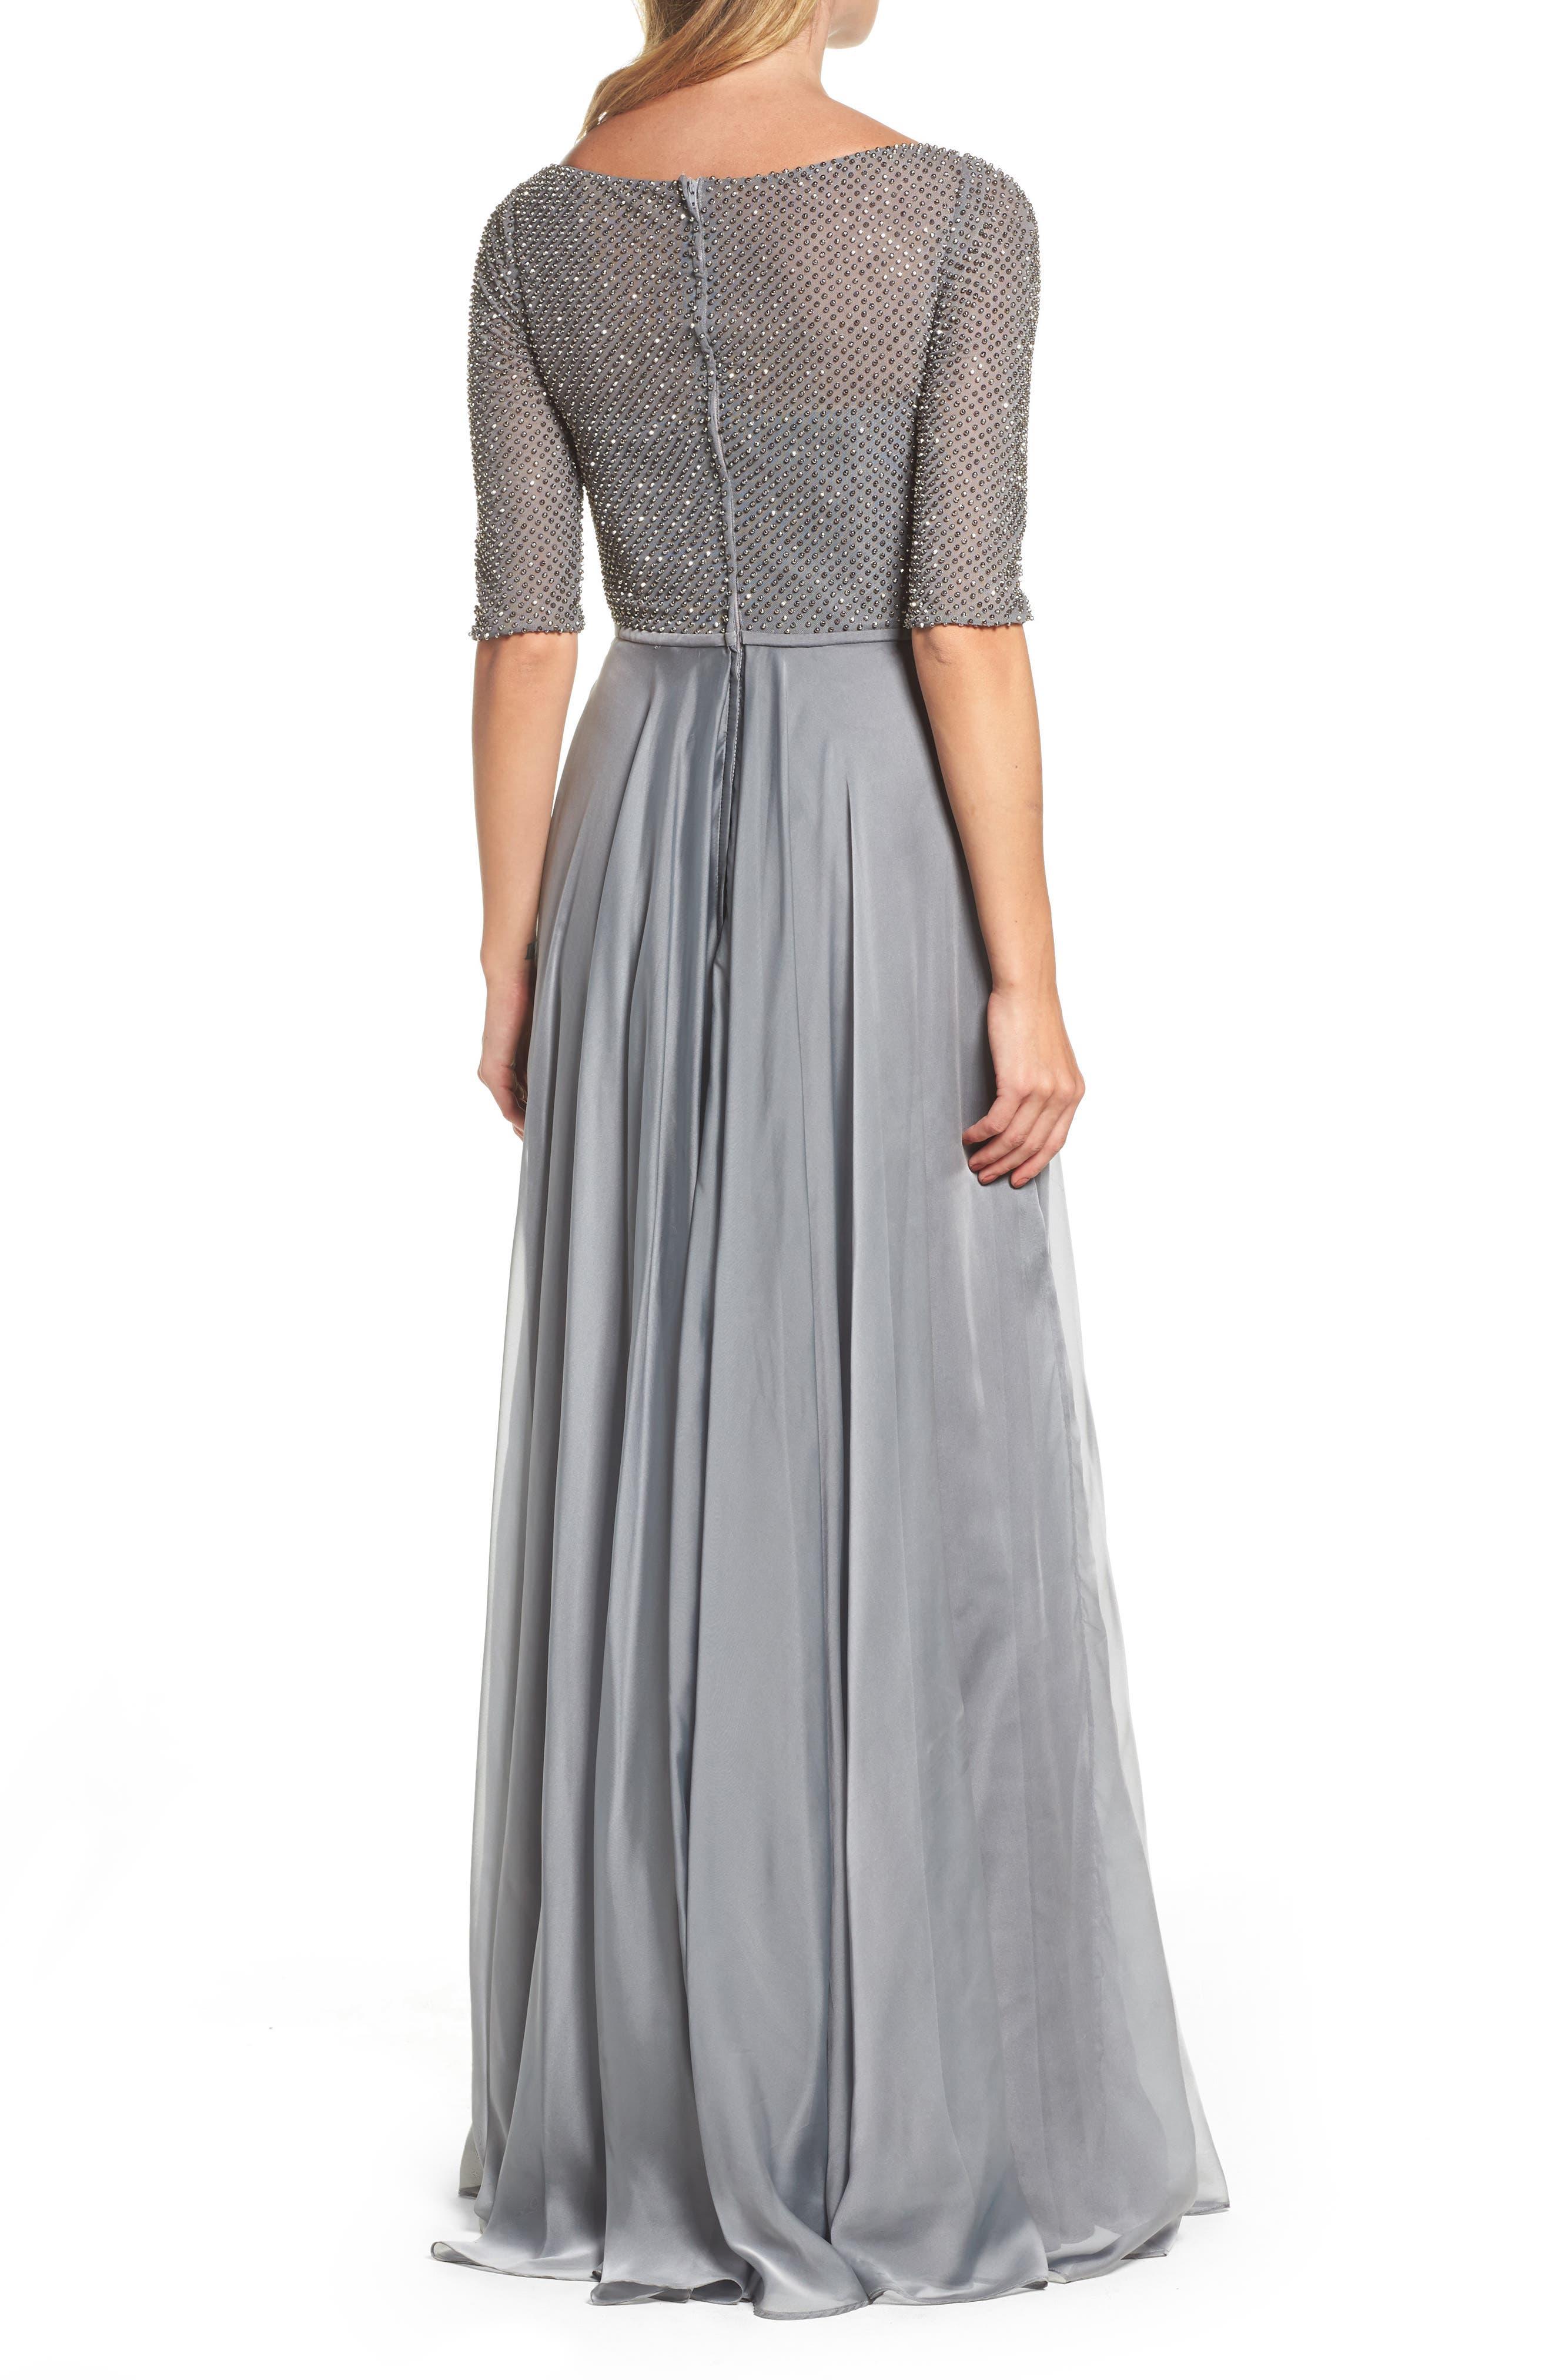 LA FEMME, Embellished Bodice Gown, Alternate thumbnail 2, color, PLATINUM